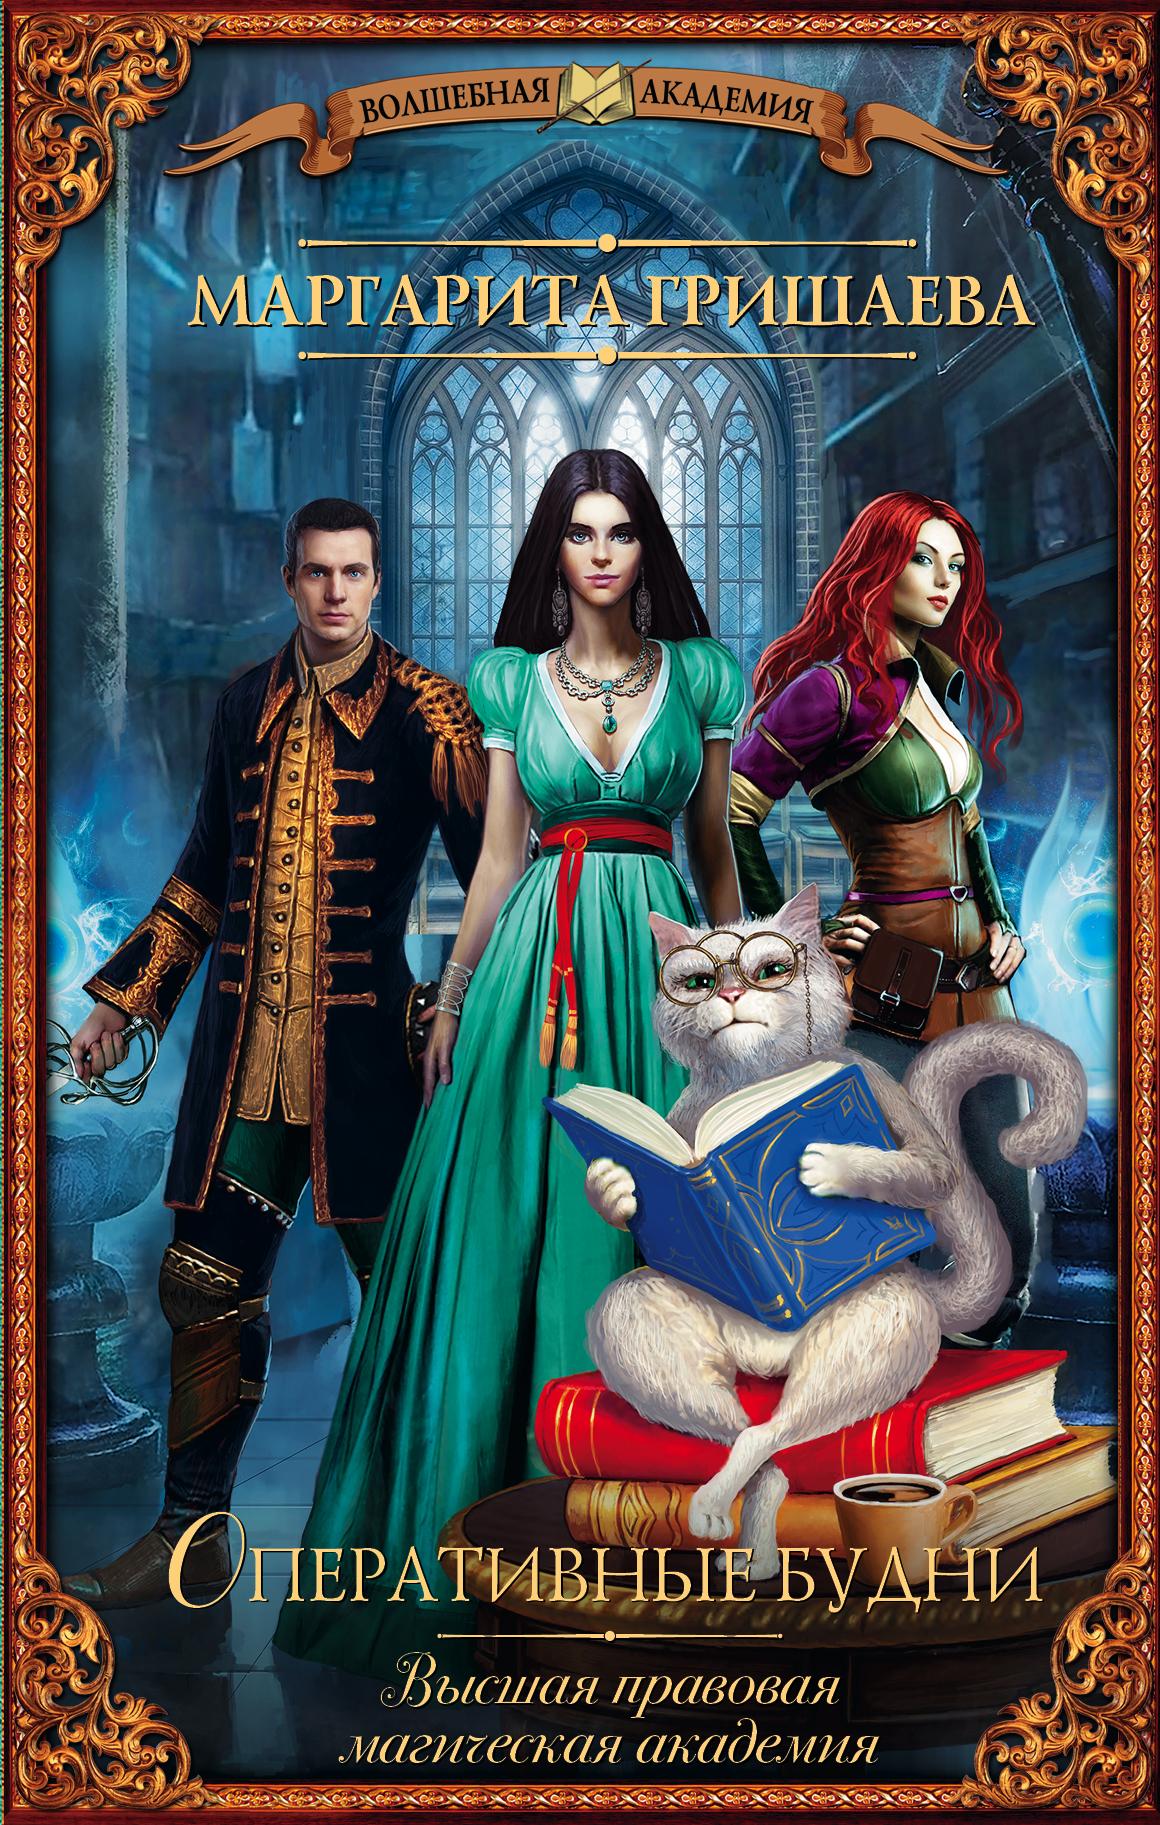 Скачать книги про магическую академию